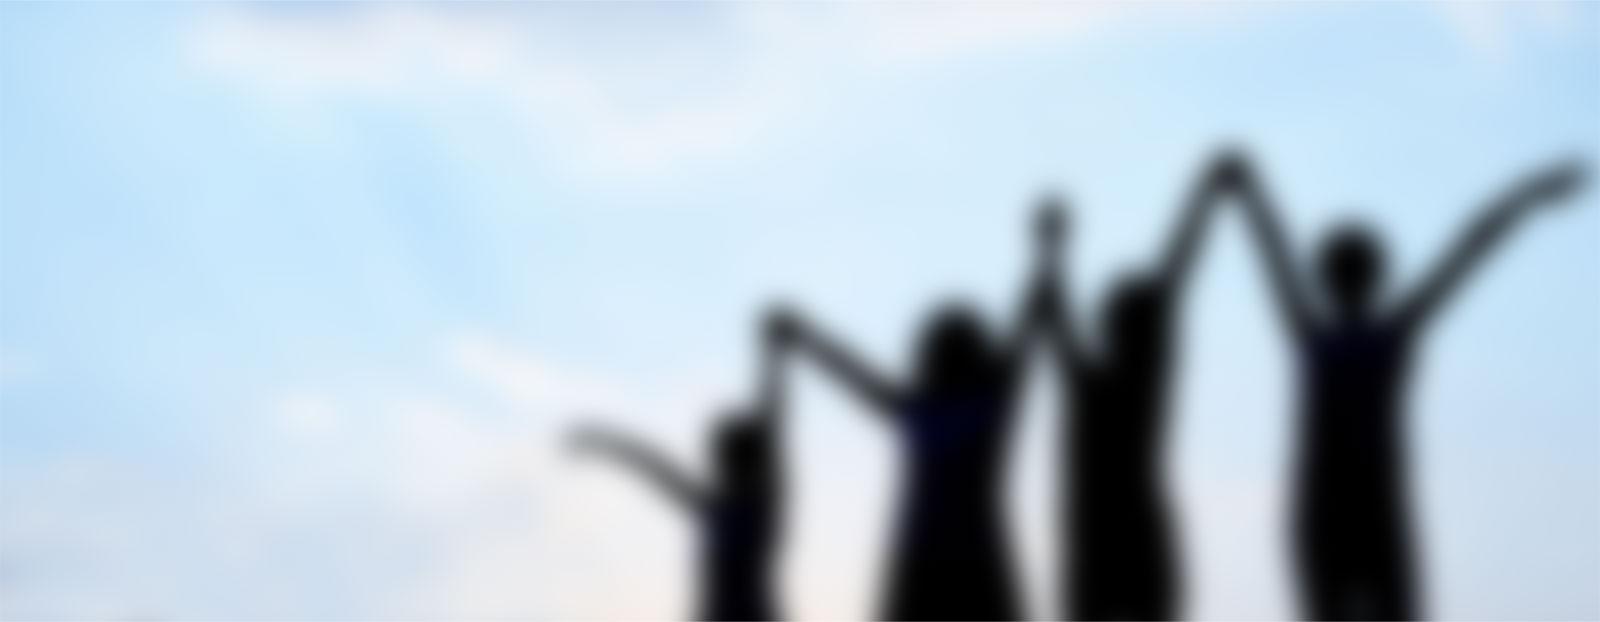 PENGUMUMAN TENTANG HASIL SELEKSI PENERIMAAN PEGAWAI UPY 2019